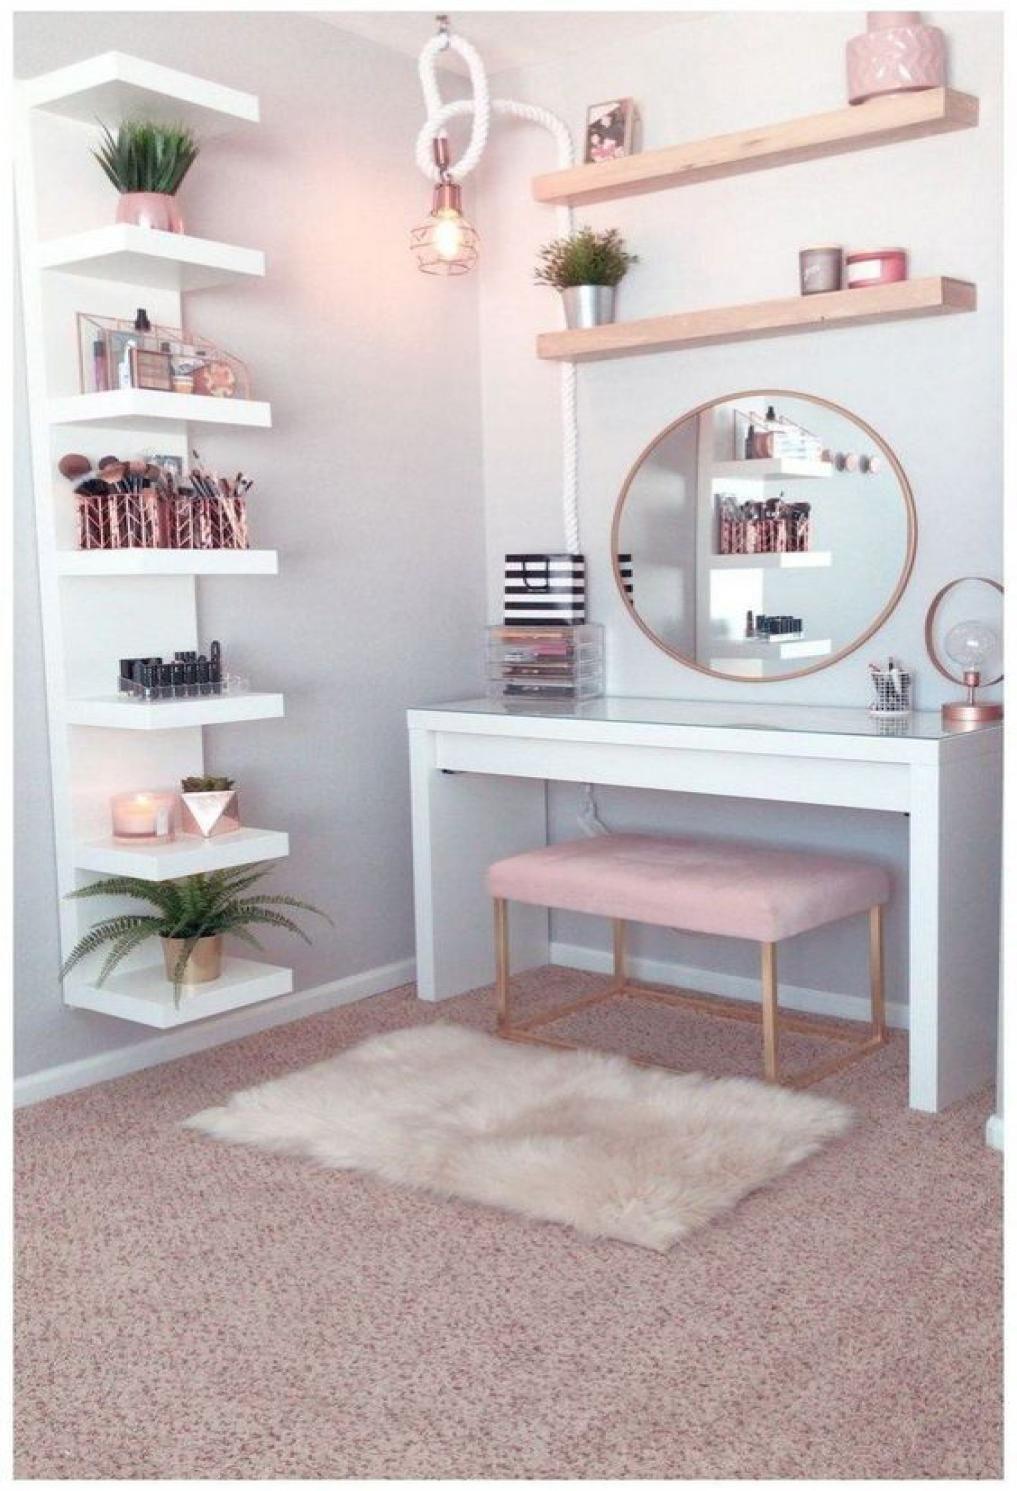 Pin On Dtd Studio Room Room decor ideas simple